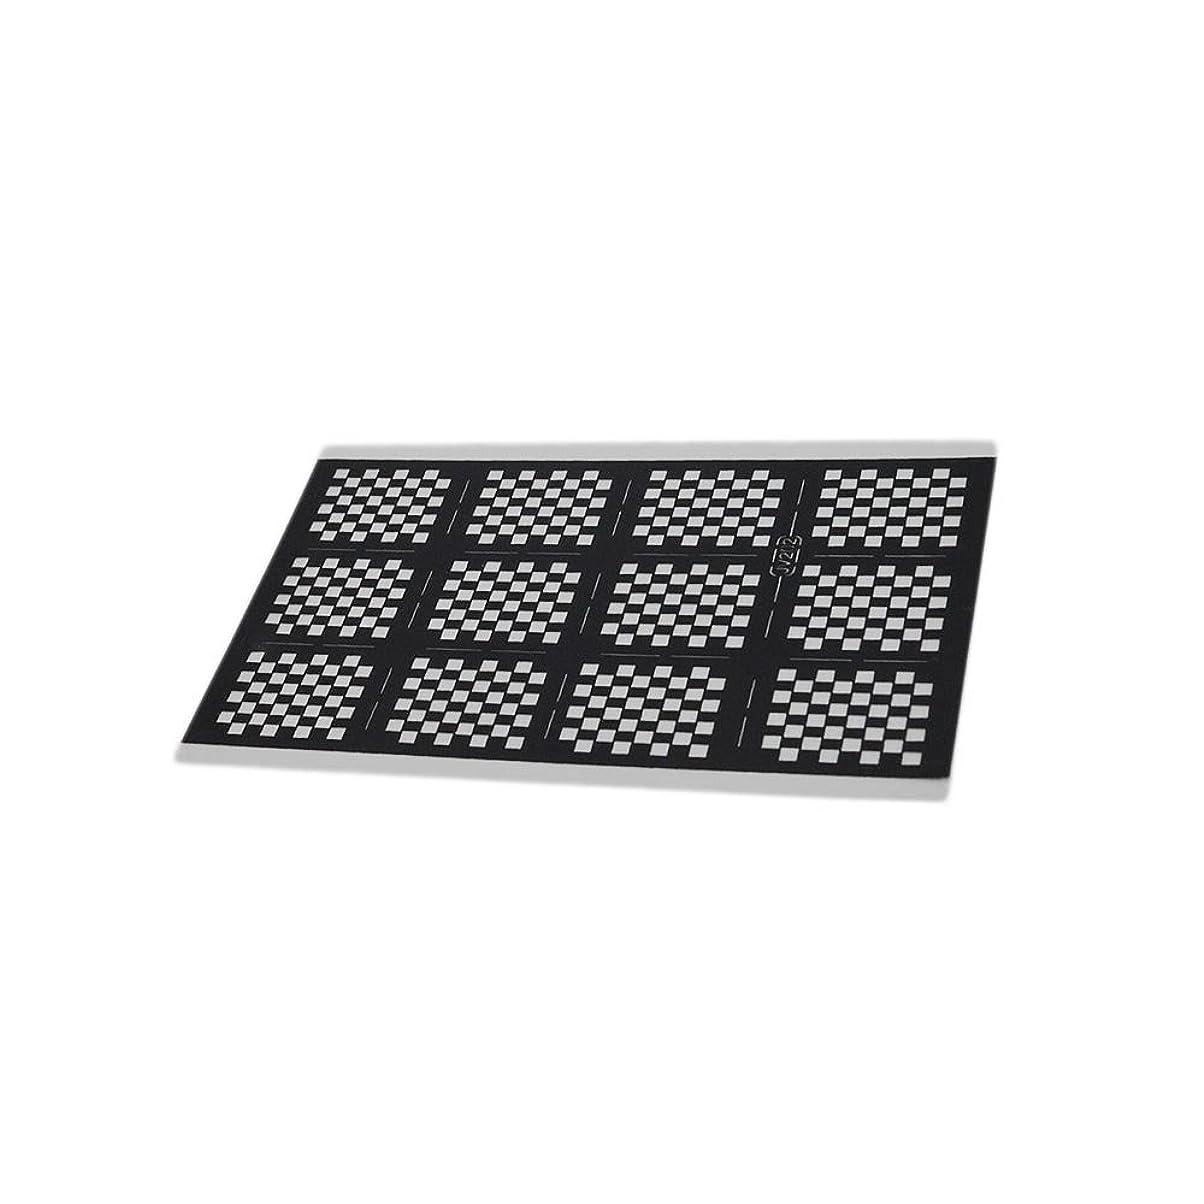 Nina ネイルステッカー 【12.5cm×7.5cm ブラック ブロックチェック 2枚セット】市松模様 ネイルシール テープ デコパーツ クラフト素材